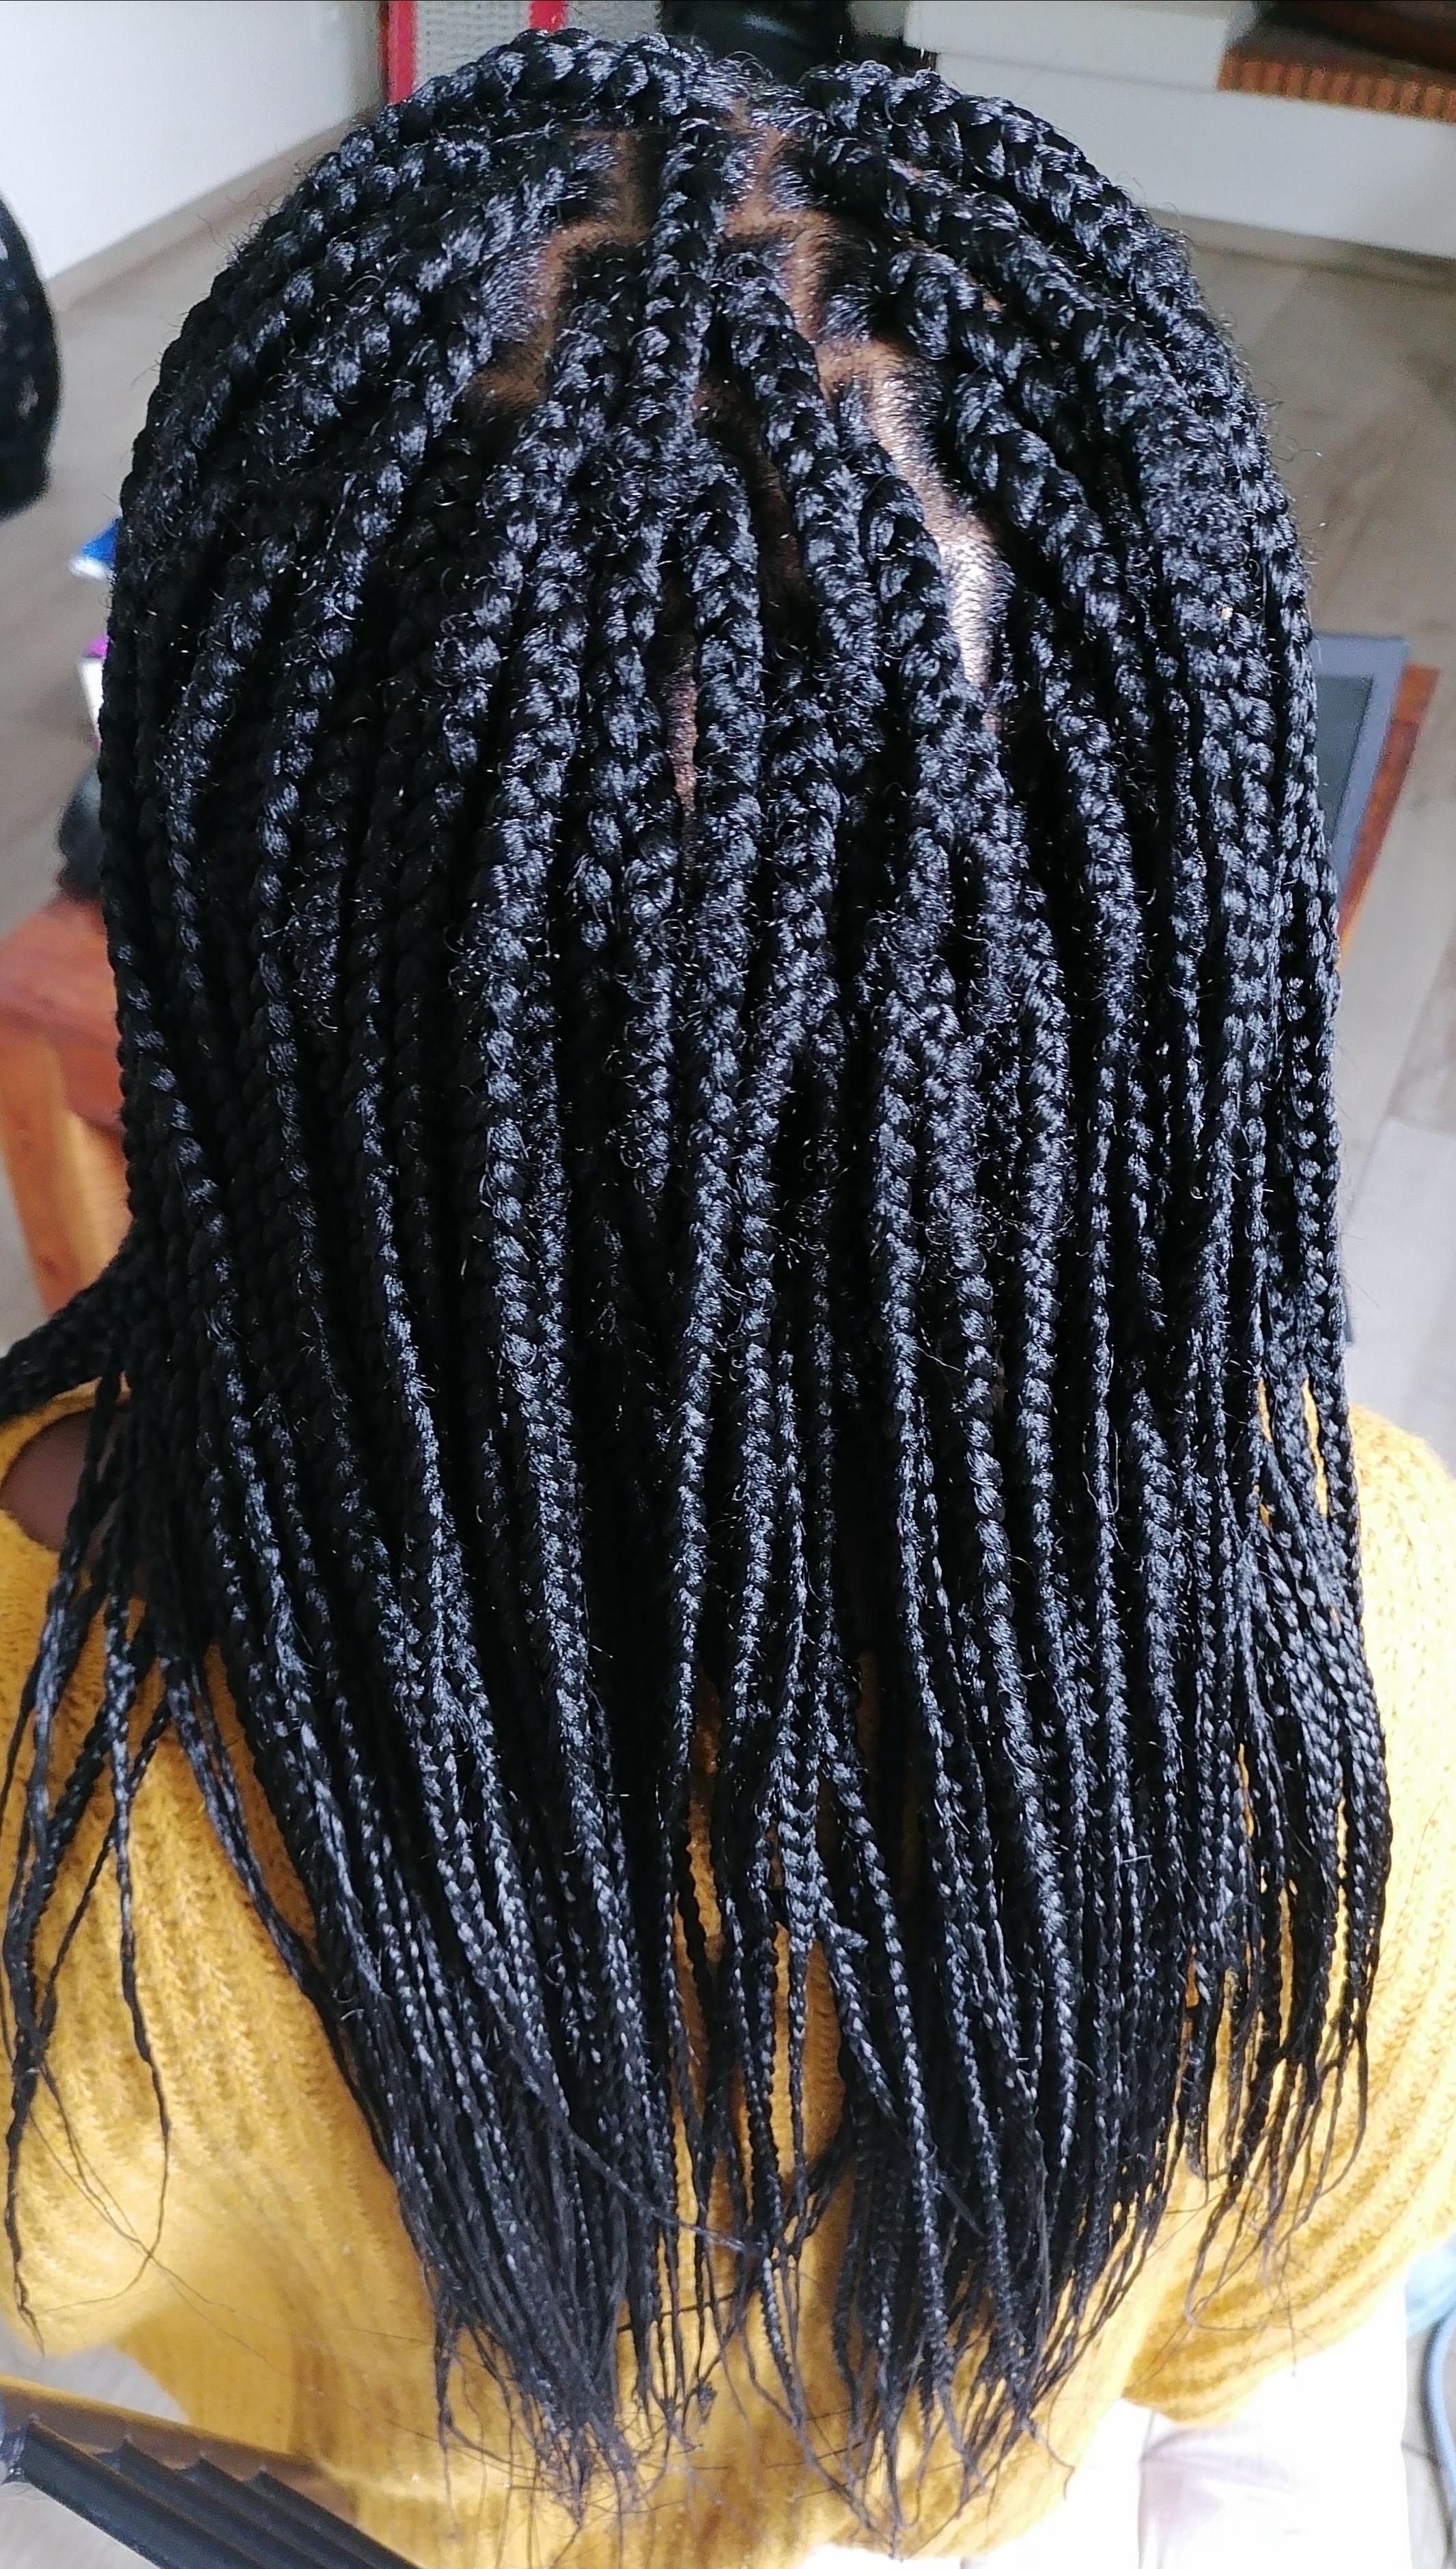 salon de coiffure afro tresse tresses box braids crochet braids vanilles tissages paris 75 77 78 91 92 93 94 95 KMMCWBUX